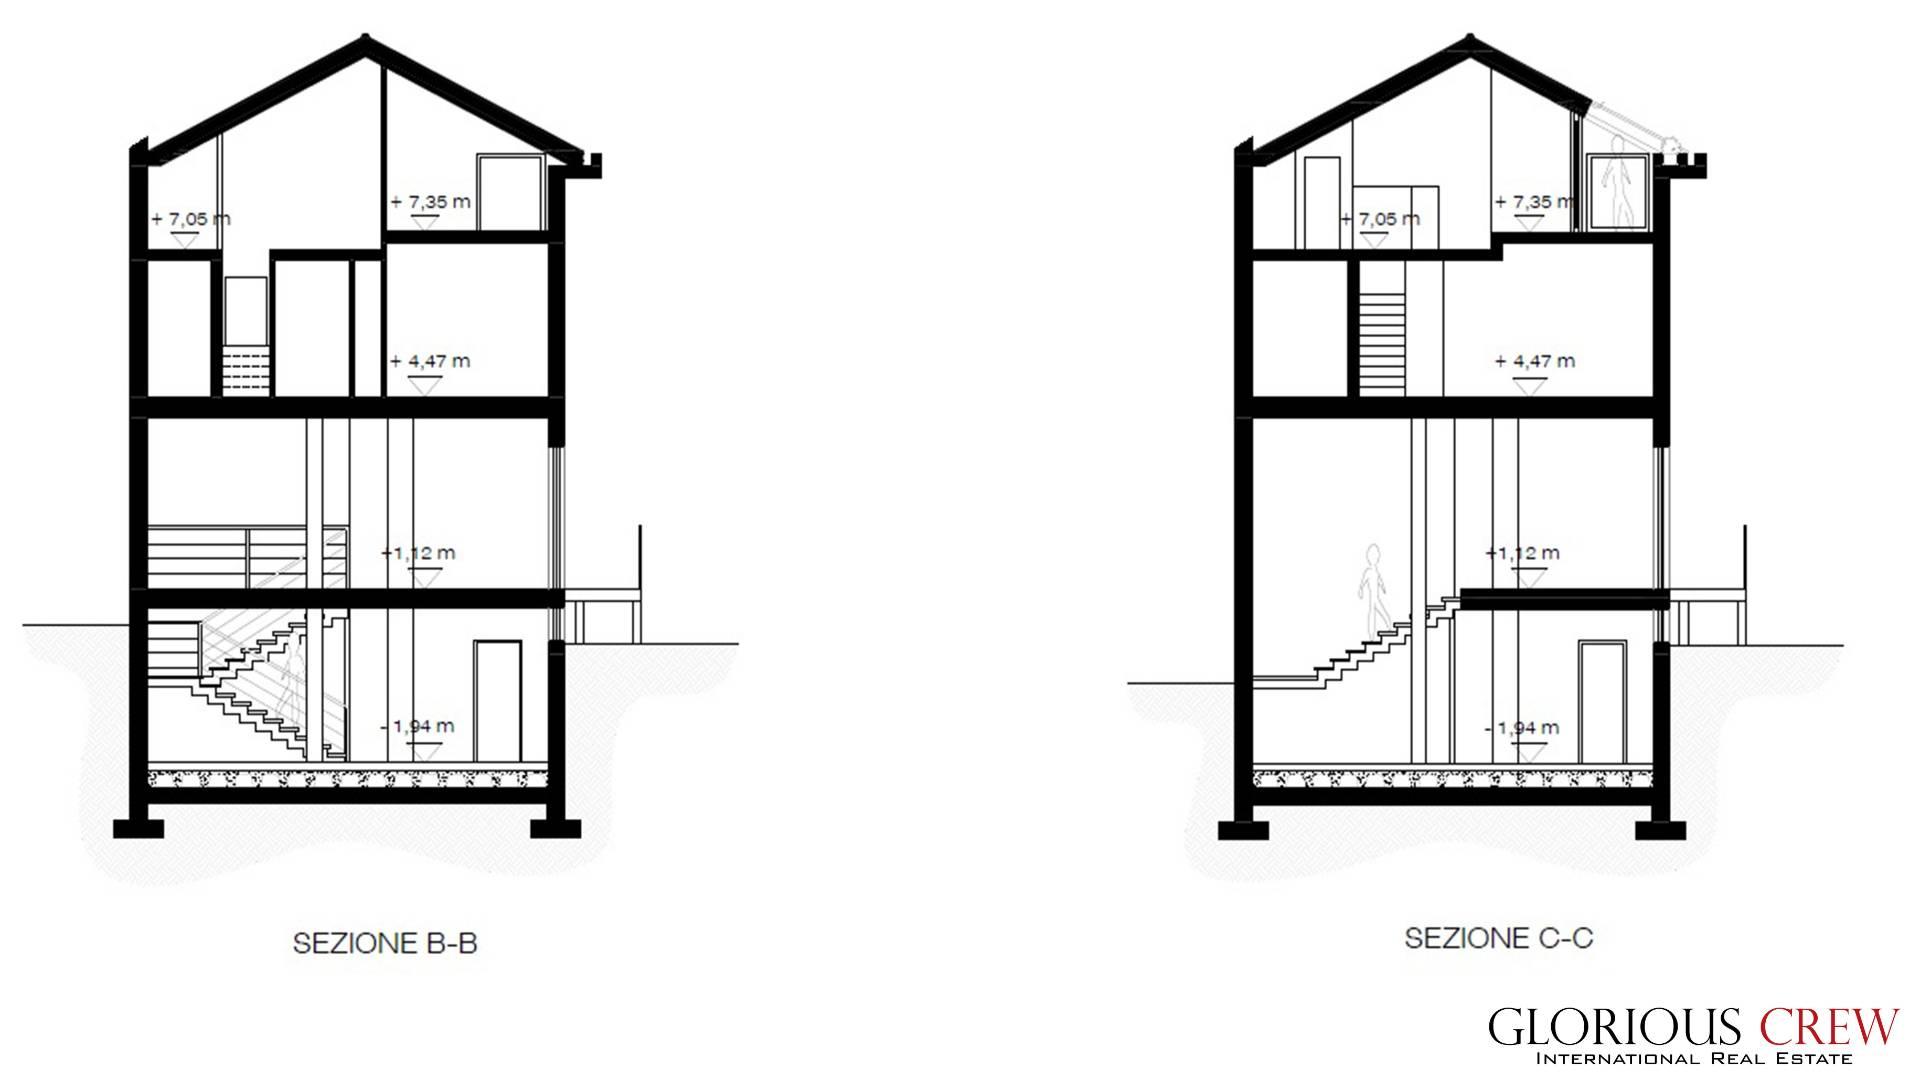 Studio/Ufficio,Via Giulini - The Real Estates Company